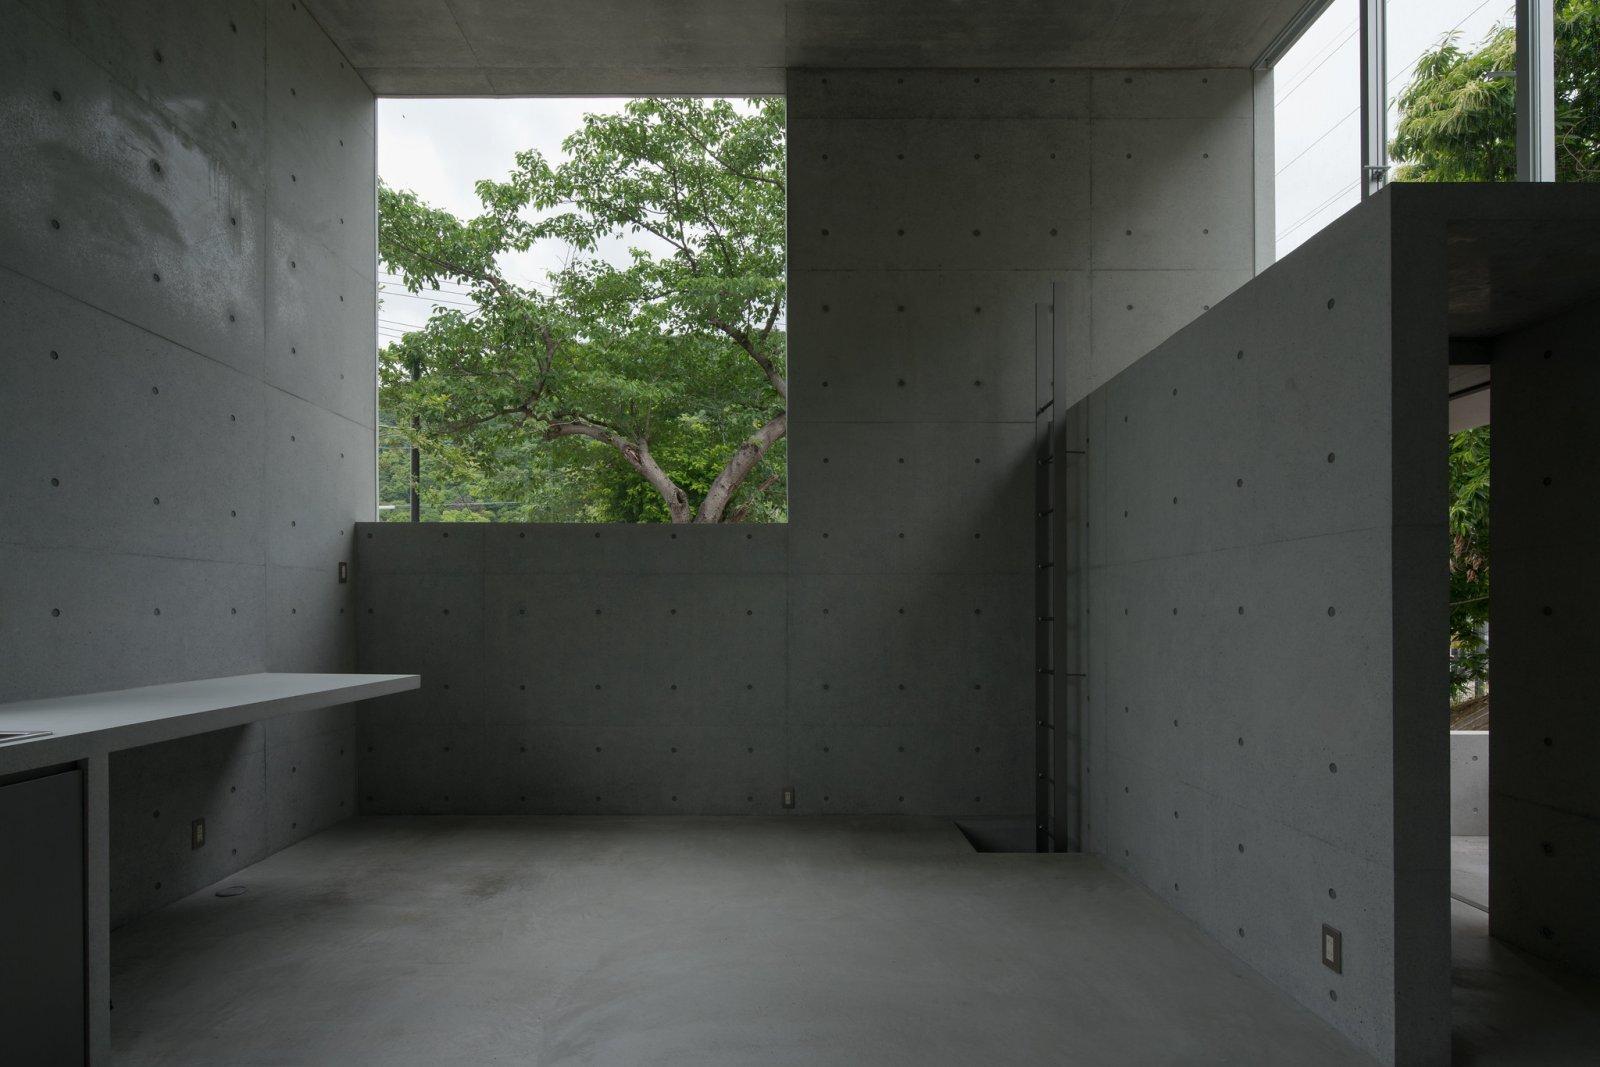 Kazunori-Fujimoto-Ashiya-92.jpg